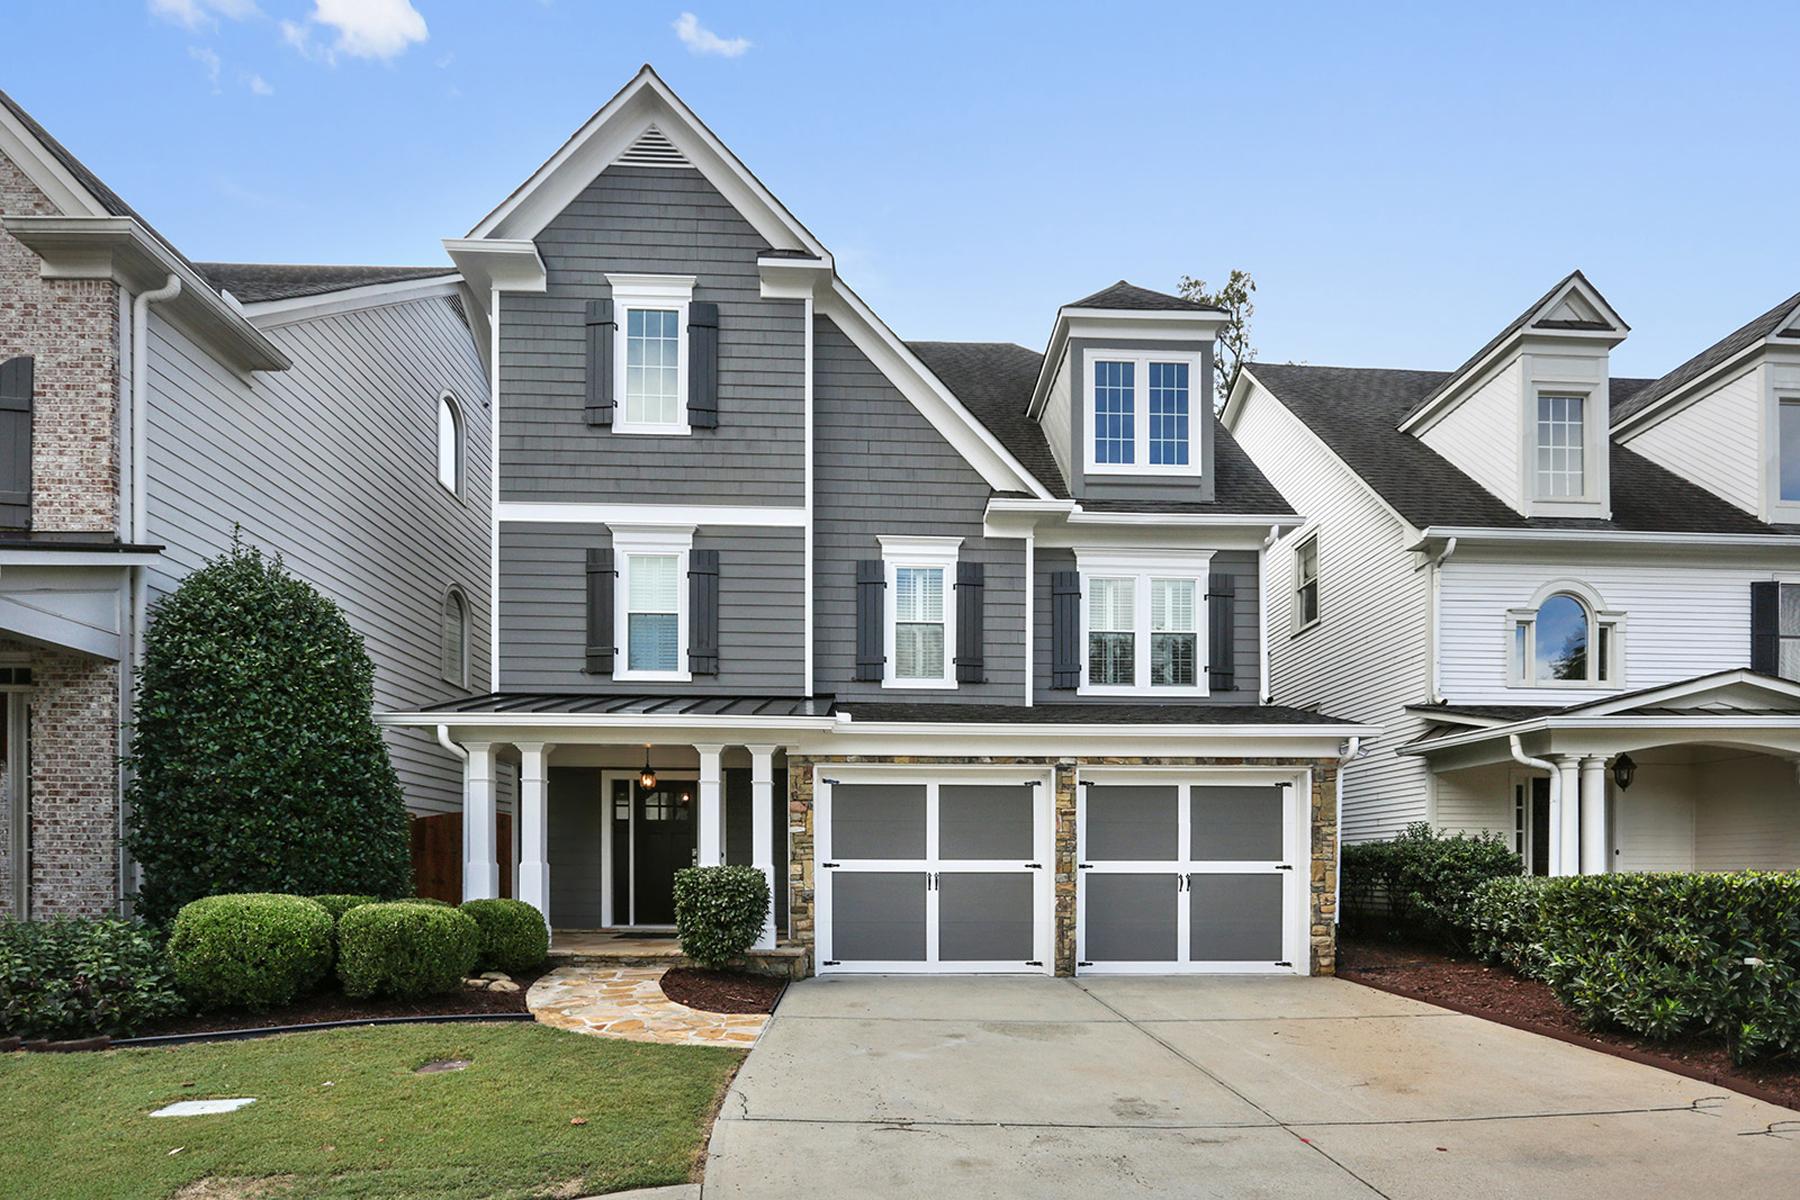 Villa per Vendita alle ore Completely Renovated Craftsman Style Home 3735 Paces Park Circle SE Smyrna, Georgia, 30080 Stati Uniti